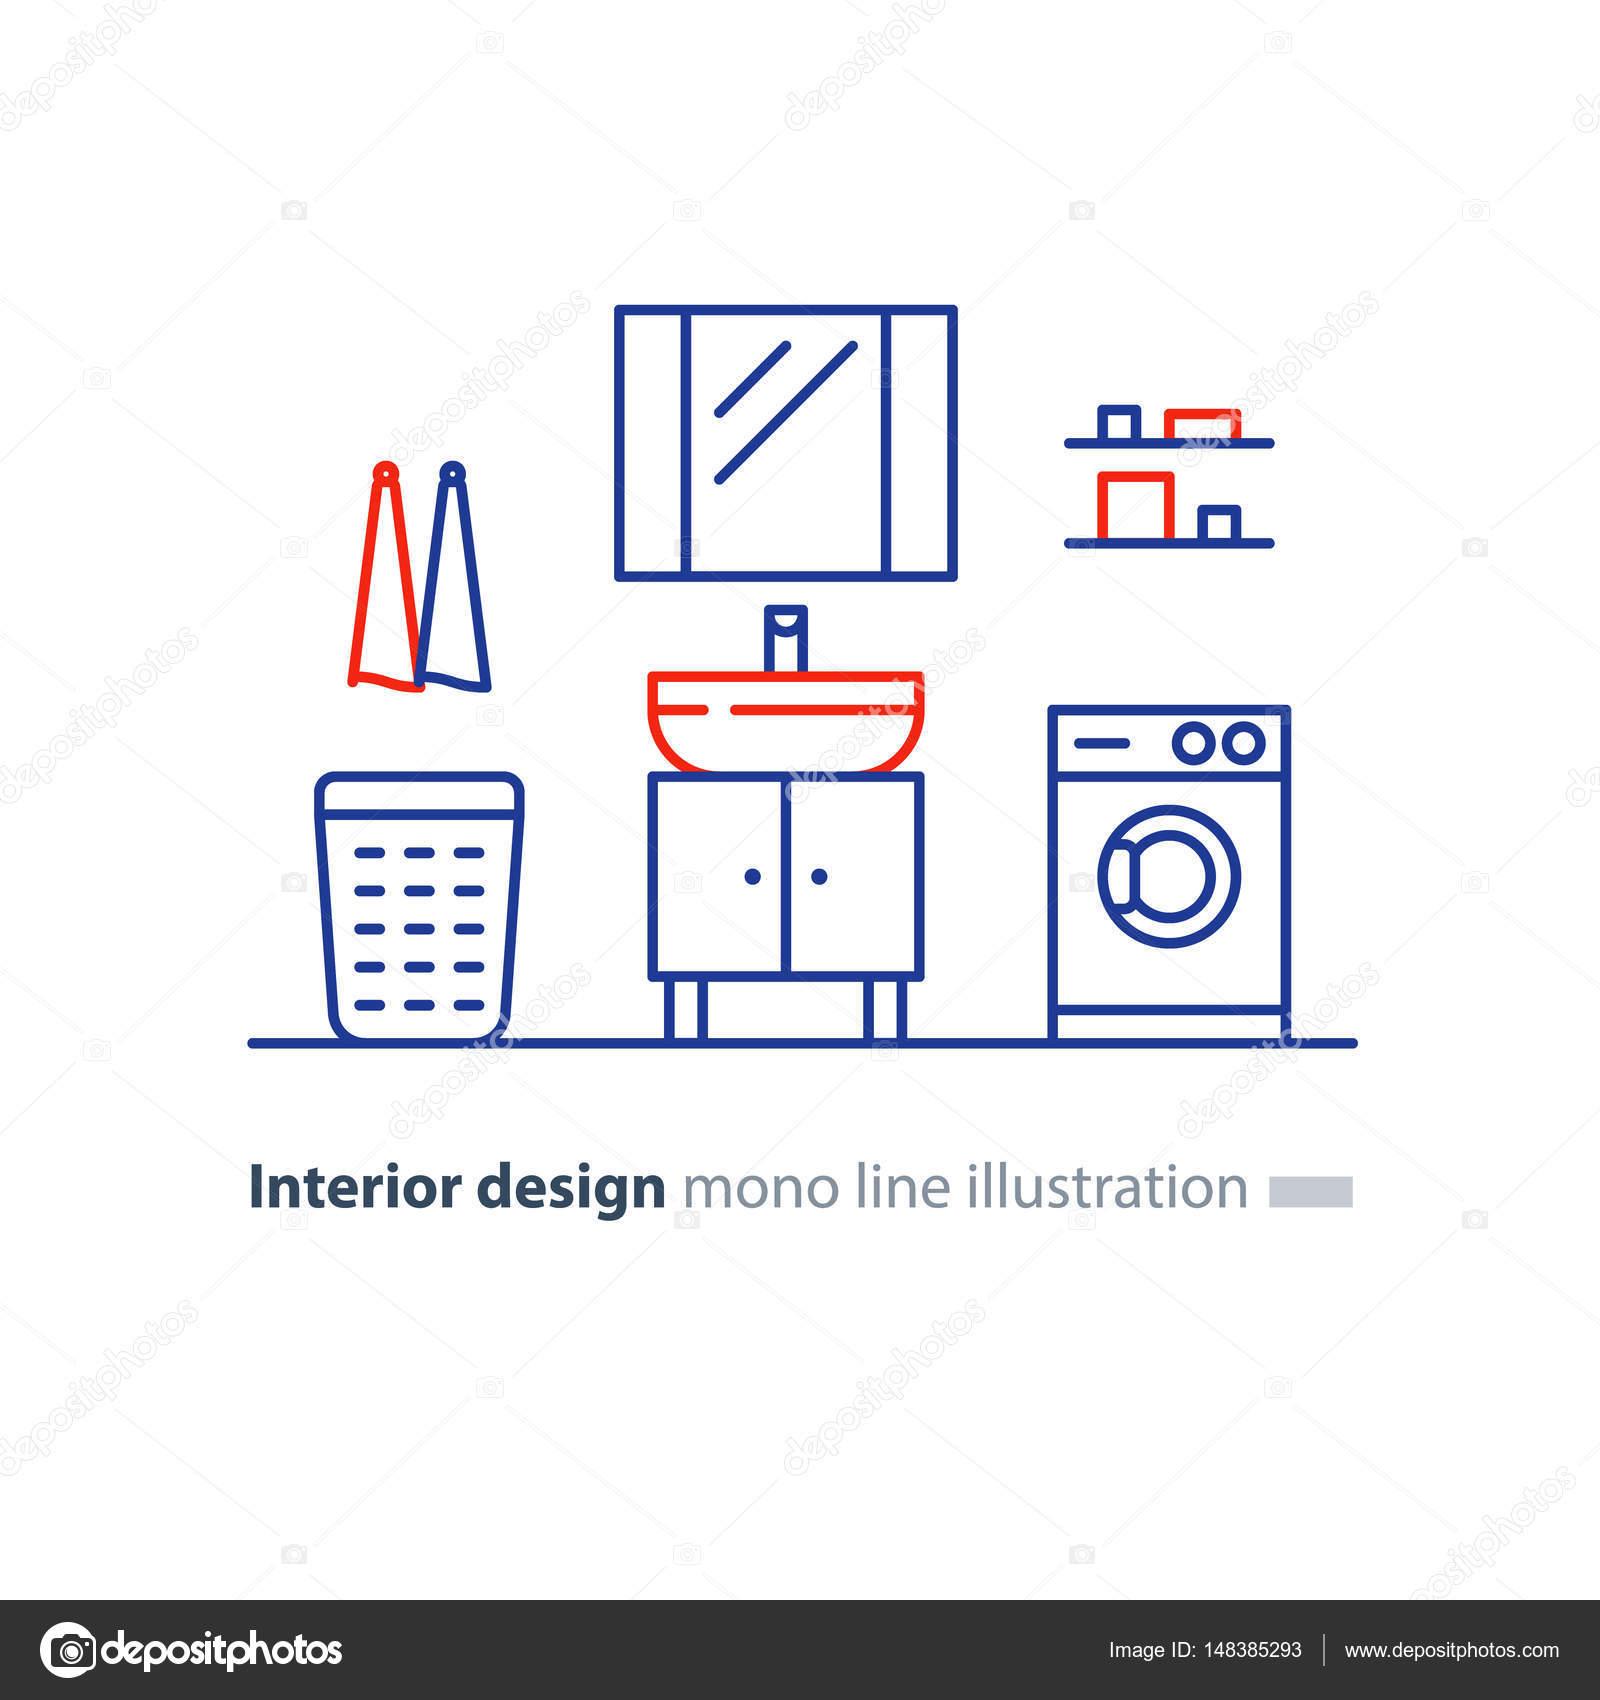 łazienka Projekt Planu Elementów Obiektu Pralka I Umywalka